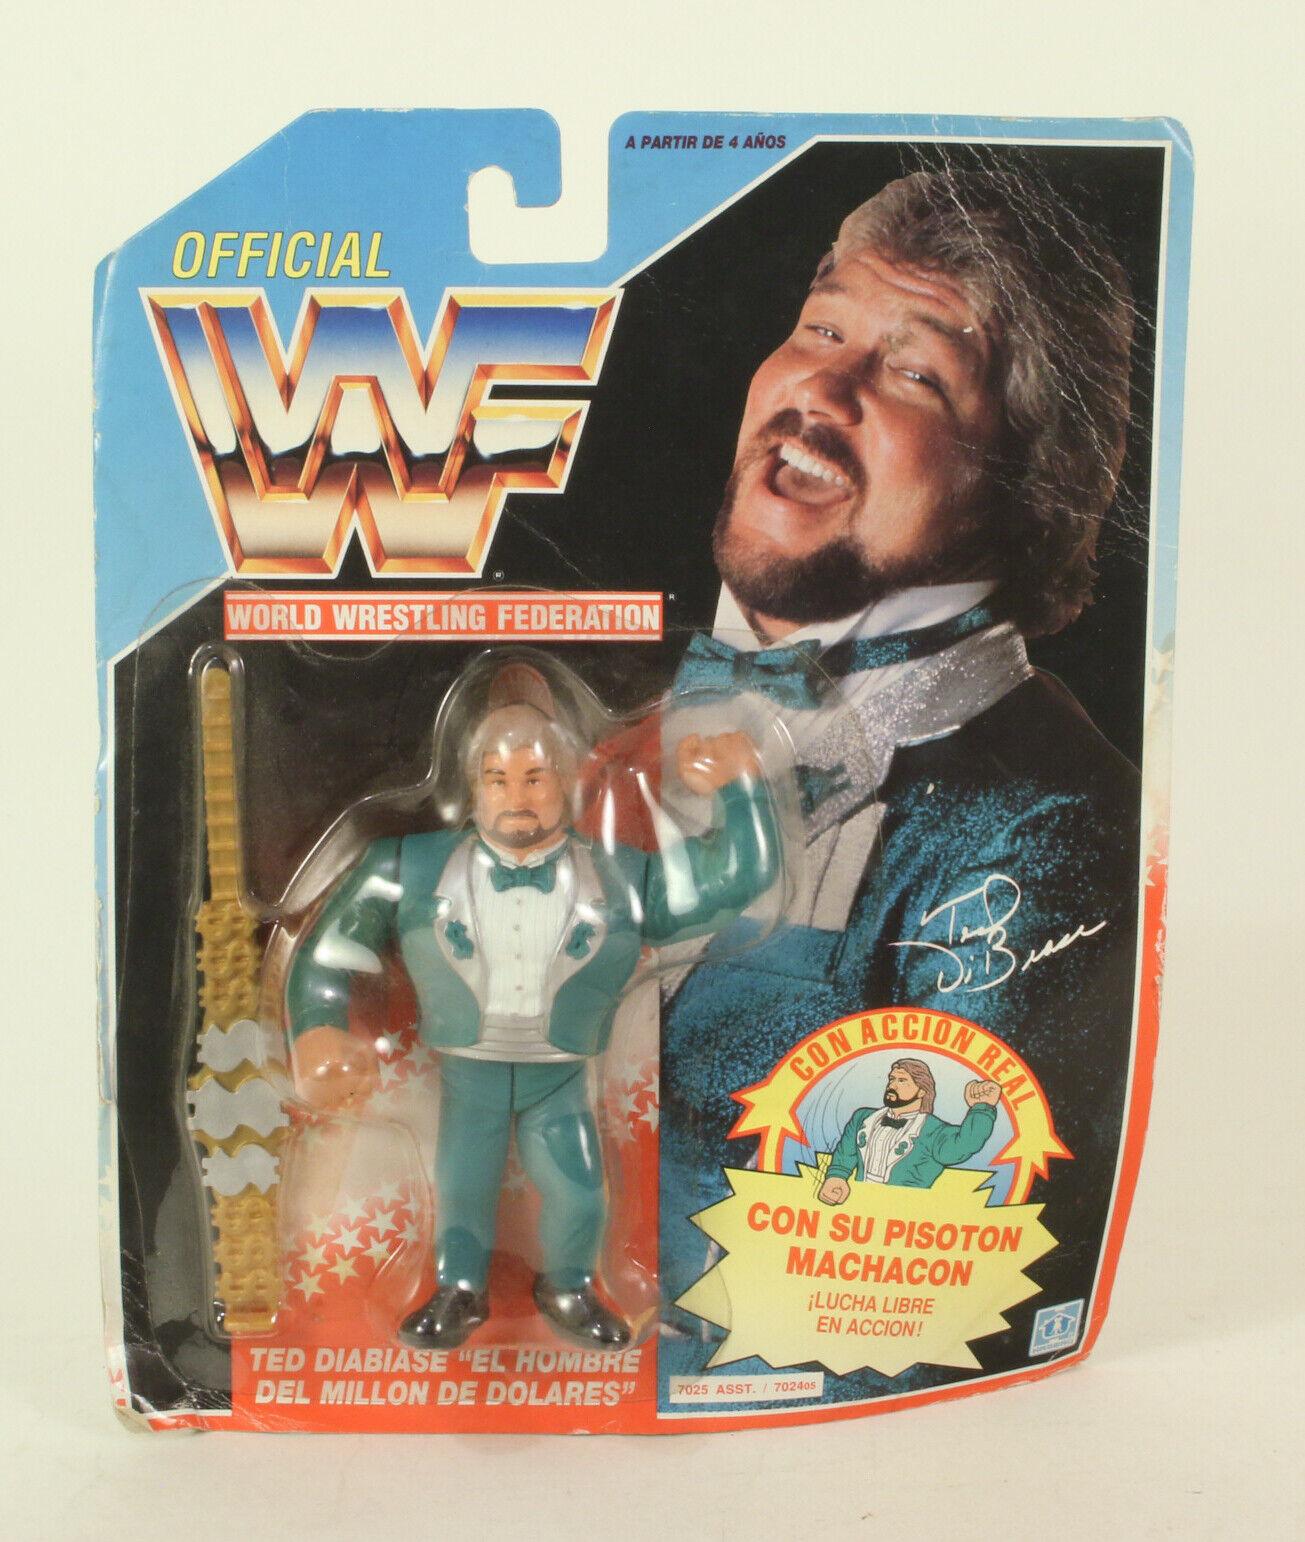 WWFのテッドビビアーゼミリオンダラーマンブルーカード